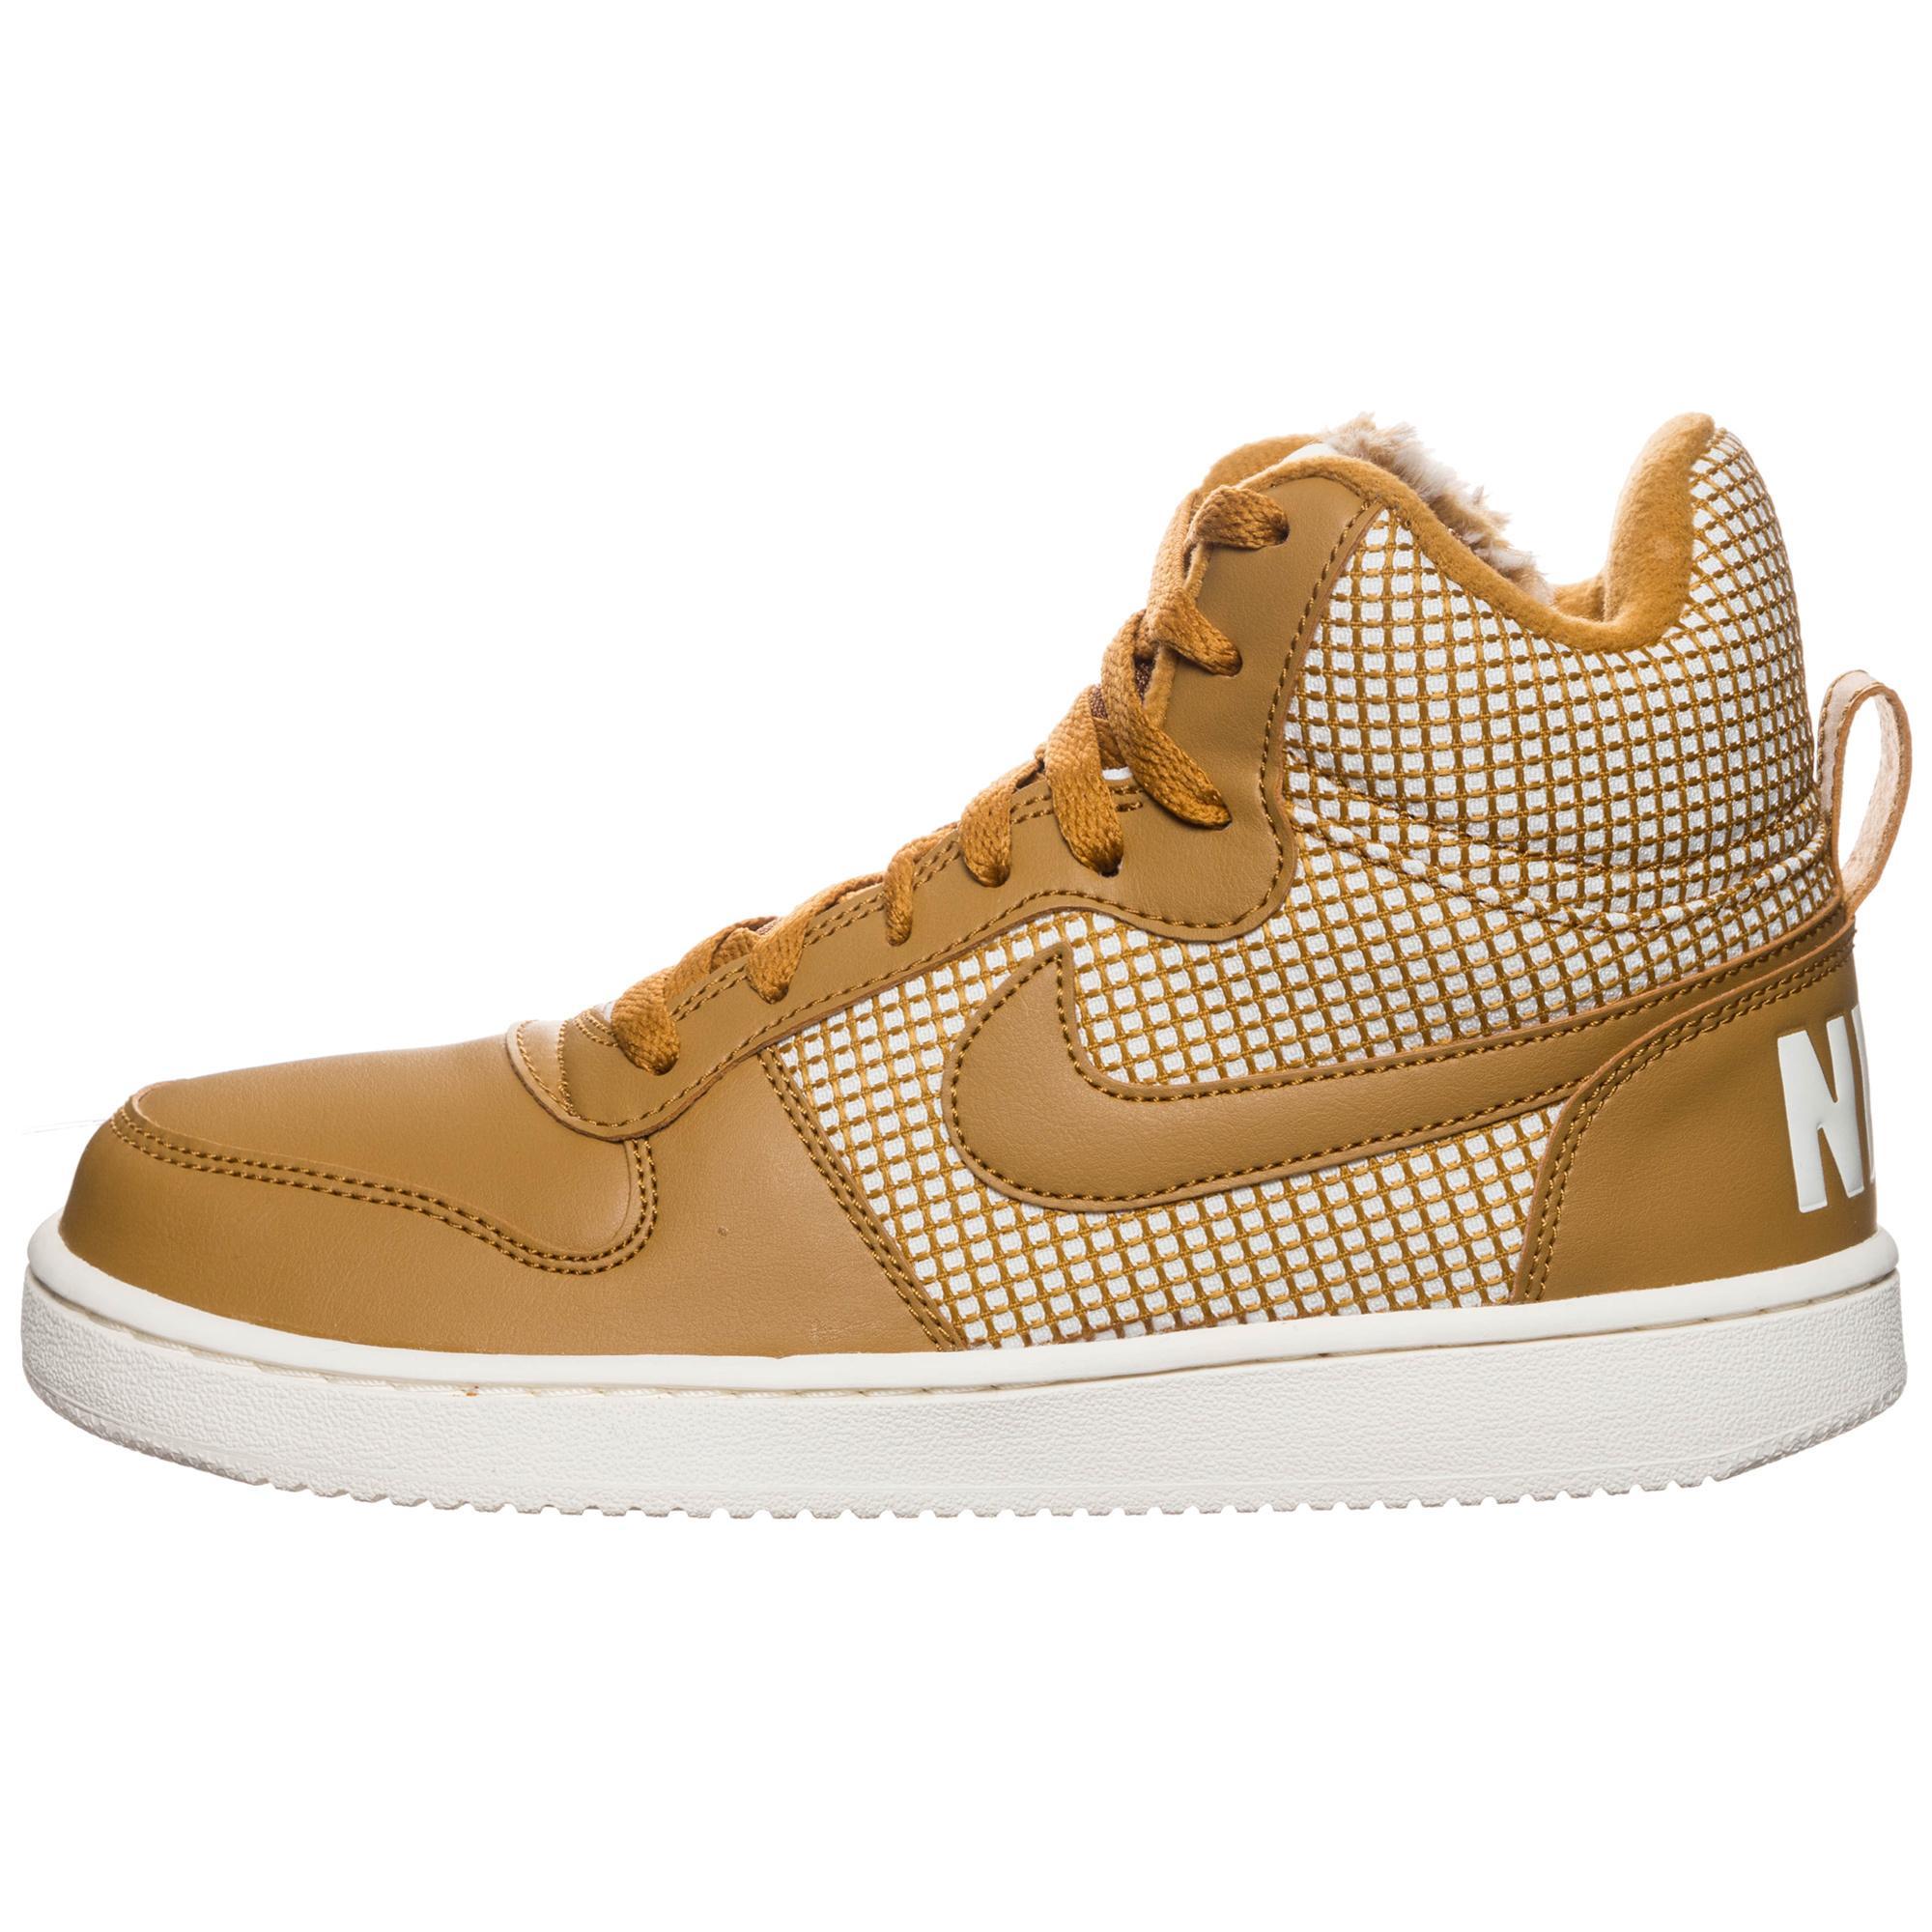 Nike Court BGoldugh Mid SE Turnschuhe Damen braun     beige im Online Shop von SportScheck kaufen Gute Qualität beliebte Schuhe dd945a